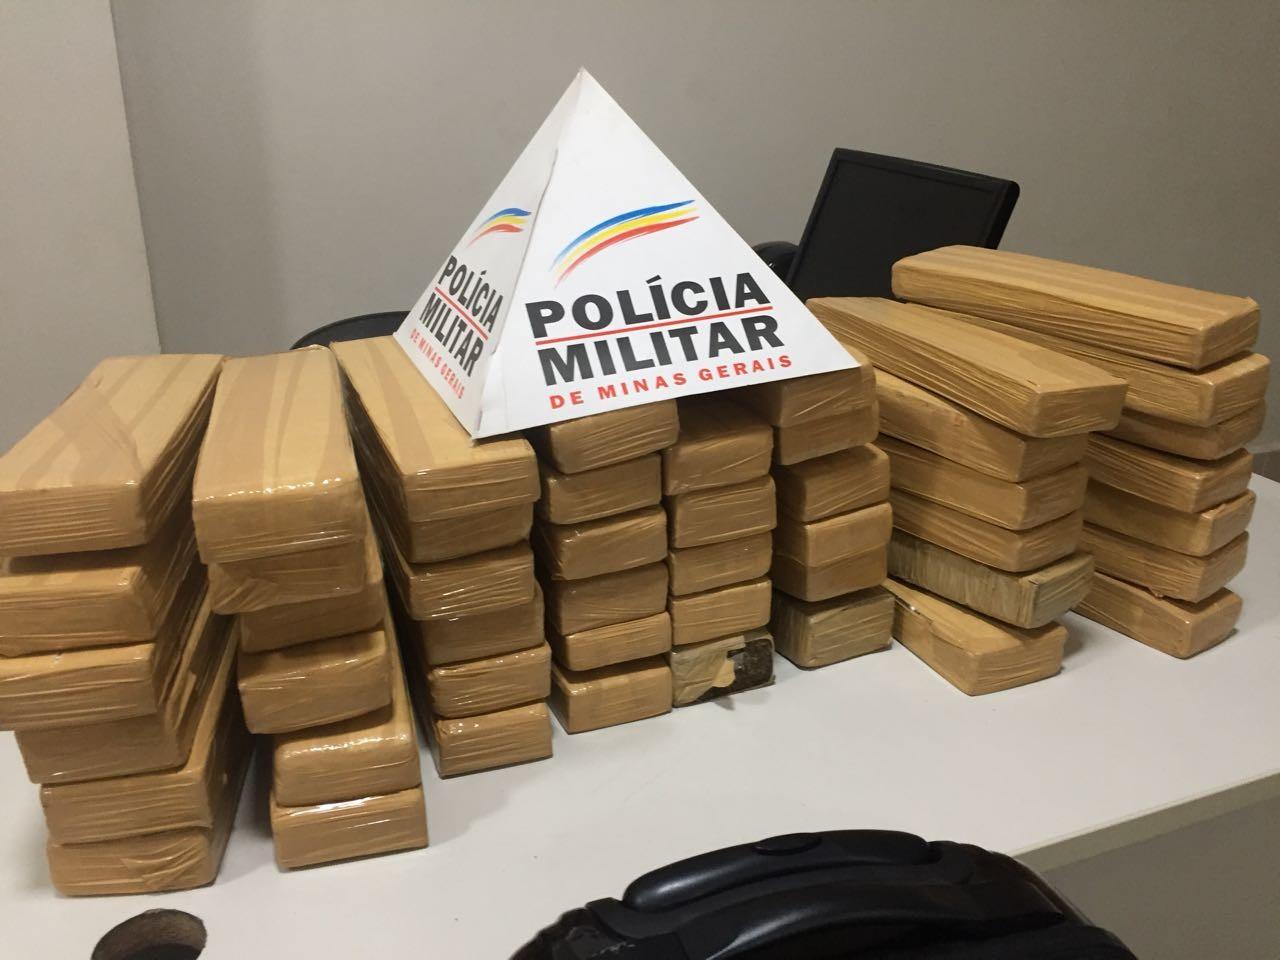 Casal é preso com 50 kg de maconha dentro de malas de viagem em Ipatinga